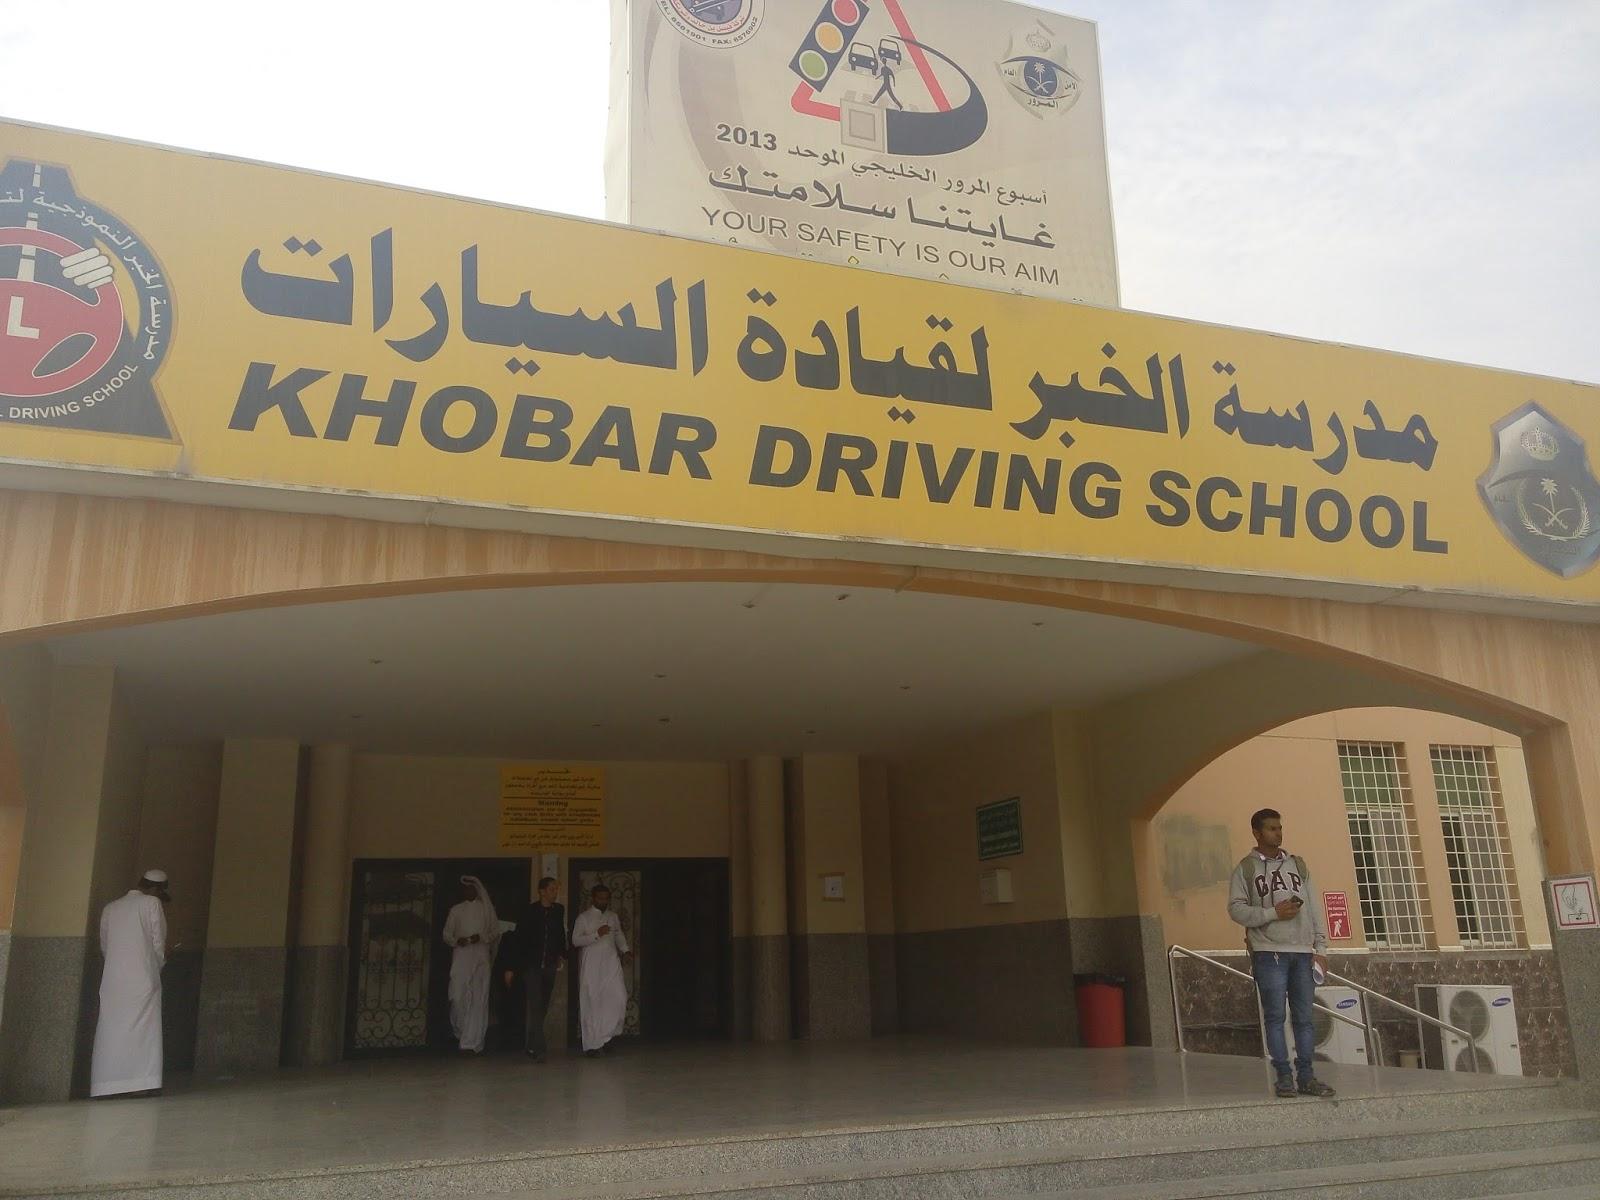 Al Khobar News Driving School in Khobar KSA